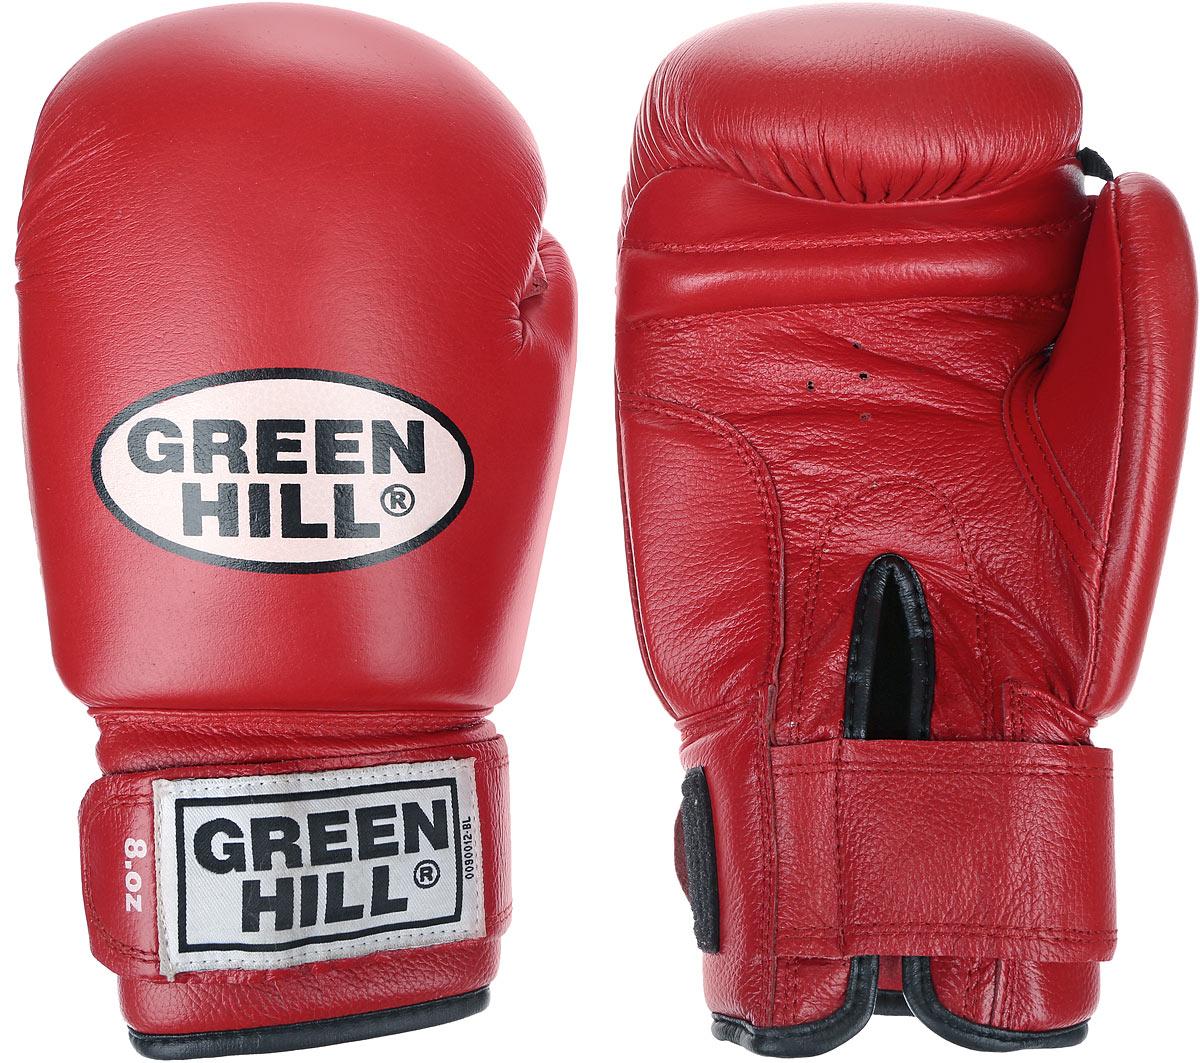 Перчатки боксерские Green Hill Tiger, цвет: красный, белый. Вес 8 унций. BGT-2010сBGG-2018Боевые боксерские перчатки Green Hill Tiger применяются как для соревнований, так и для тренировок. Верх выполнен из натуральной кожи, вкладыш - предварительно сформированный пенополиуретан. Манжет на липучке способствует быстрому и удобному надеванию перчаток, плотно фиксирует перчатки на руке. Отверстия в области ладони позволяет создать максимально комфортный терморежим во время занятий.В перчатках применяется технология антинокаут.